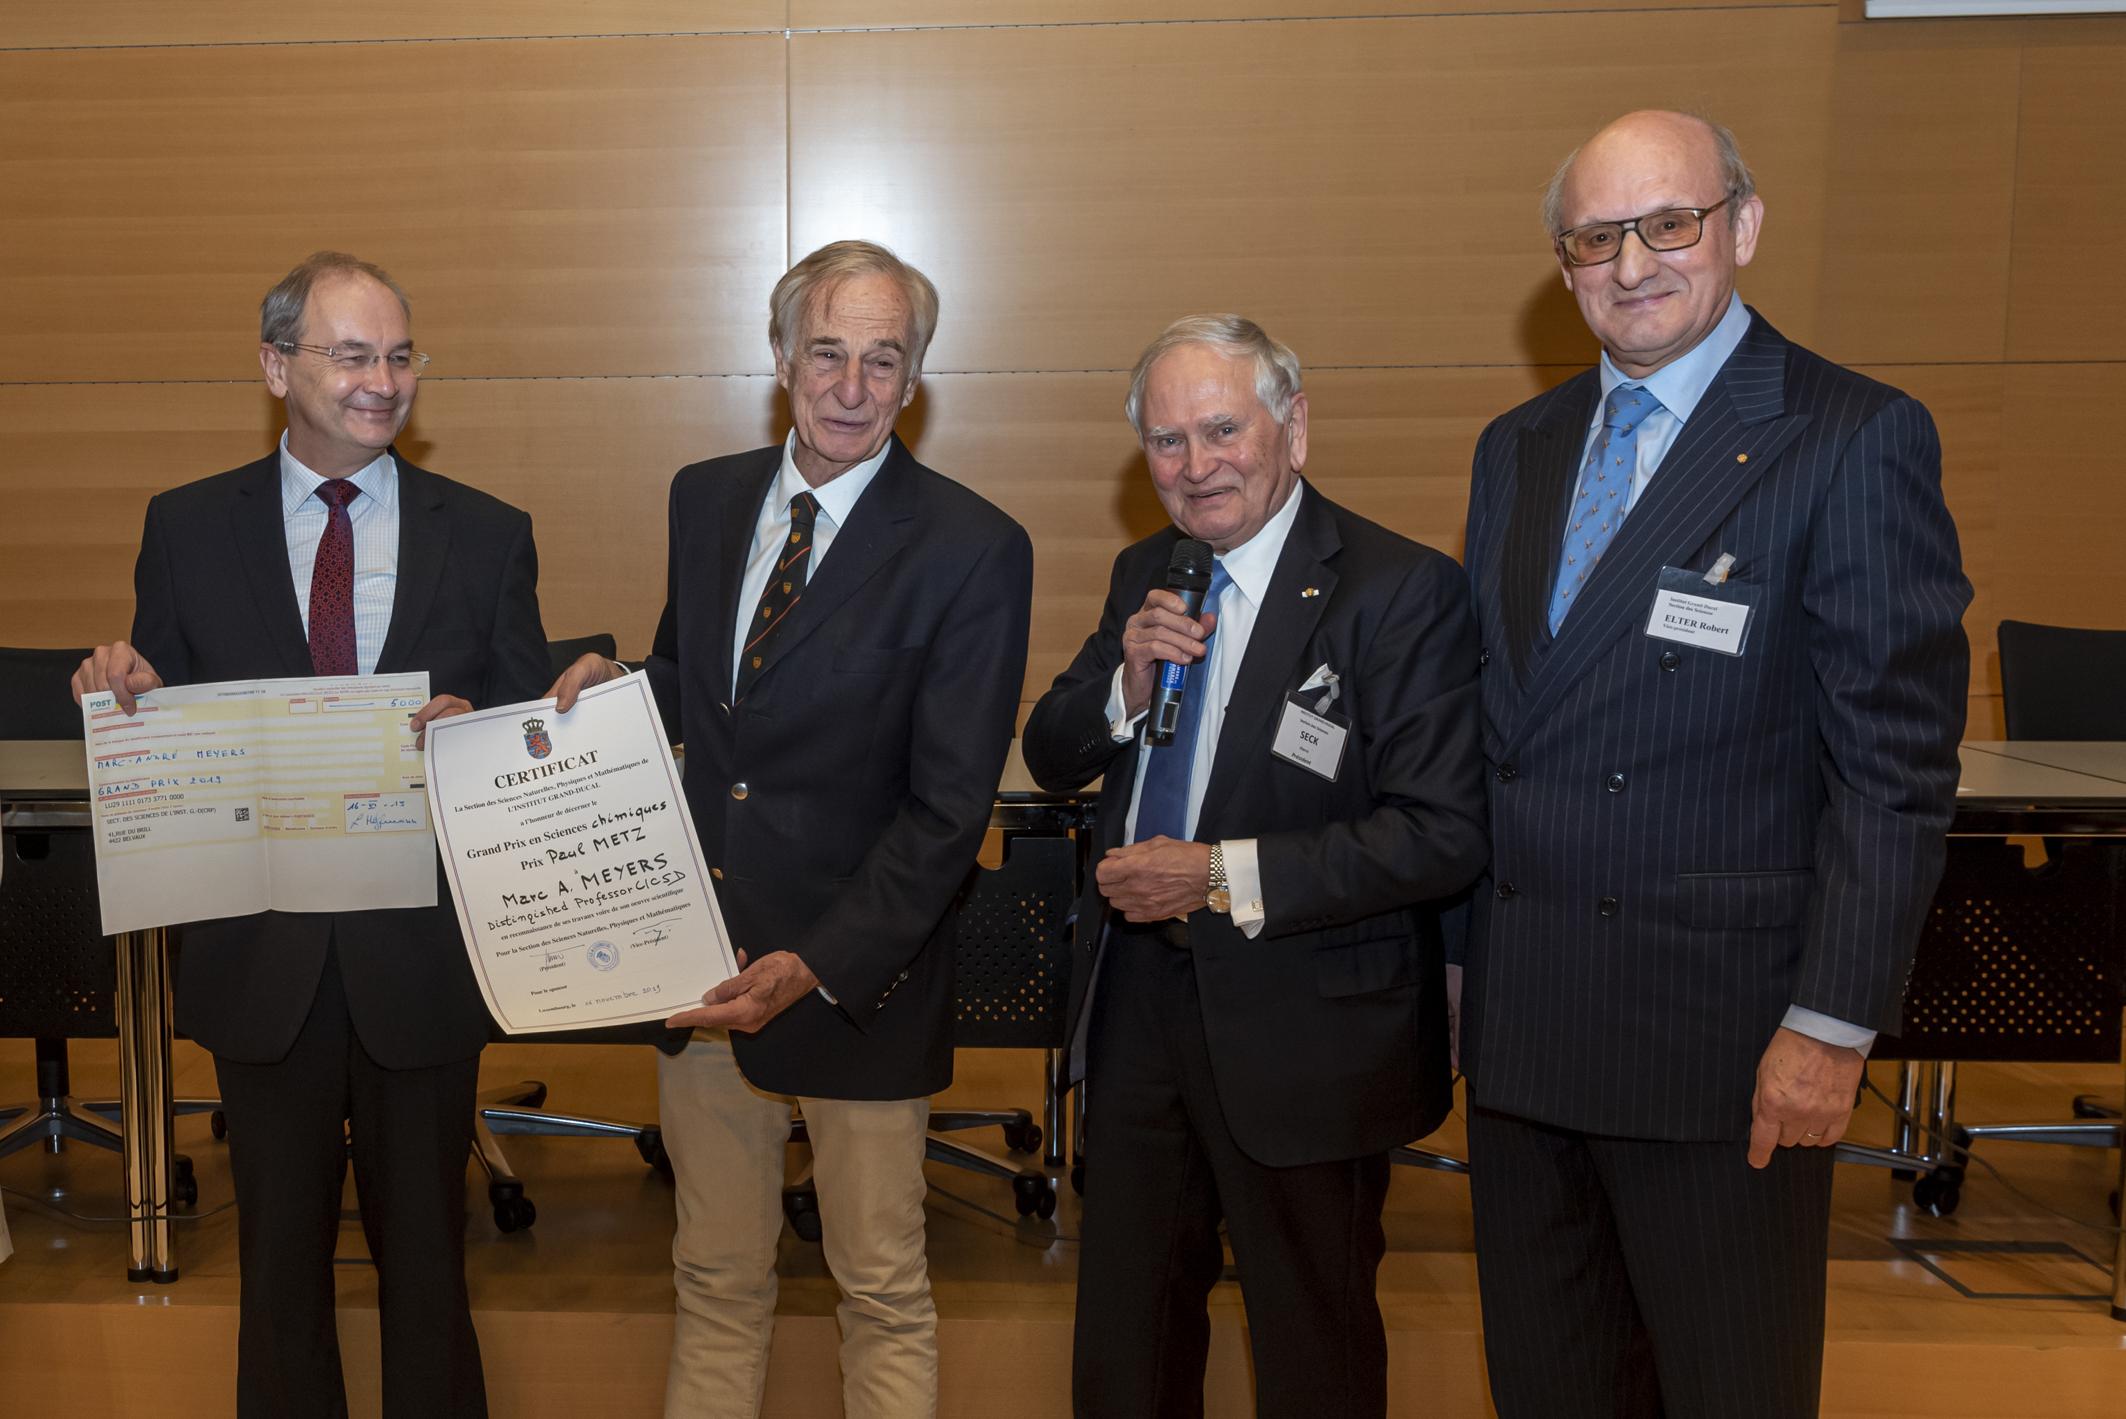 Grand Prix 2019 en sciences chimiques de l'Institut grand-ducal / Prix Paul METZ : Professeur Dr Marc A. MEYERS (University of California / San Diego) / lauréat » Encore un grand merci pour tout le travail !